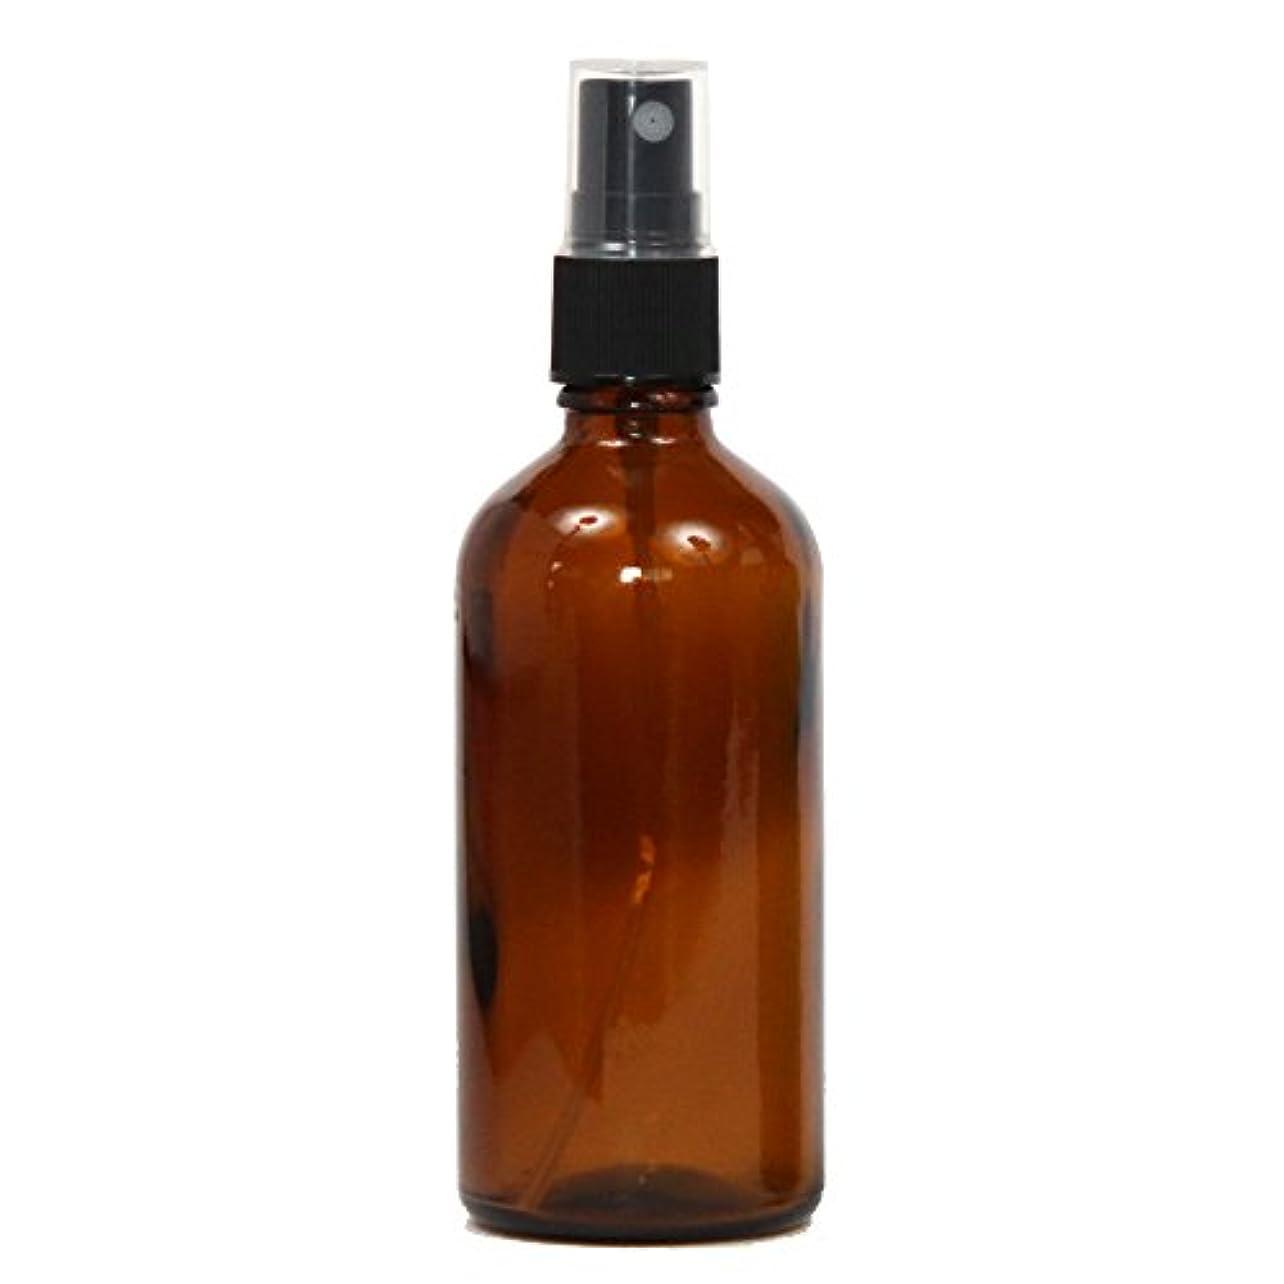 疑い代わりに多様体スプレーボトル ガラス瓶 100mL 遮光性ブラウン(アンバー) おしゃれアトマイザー ミスト空容器